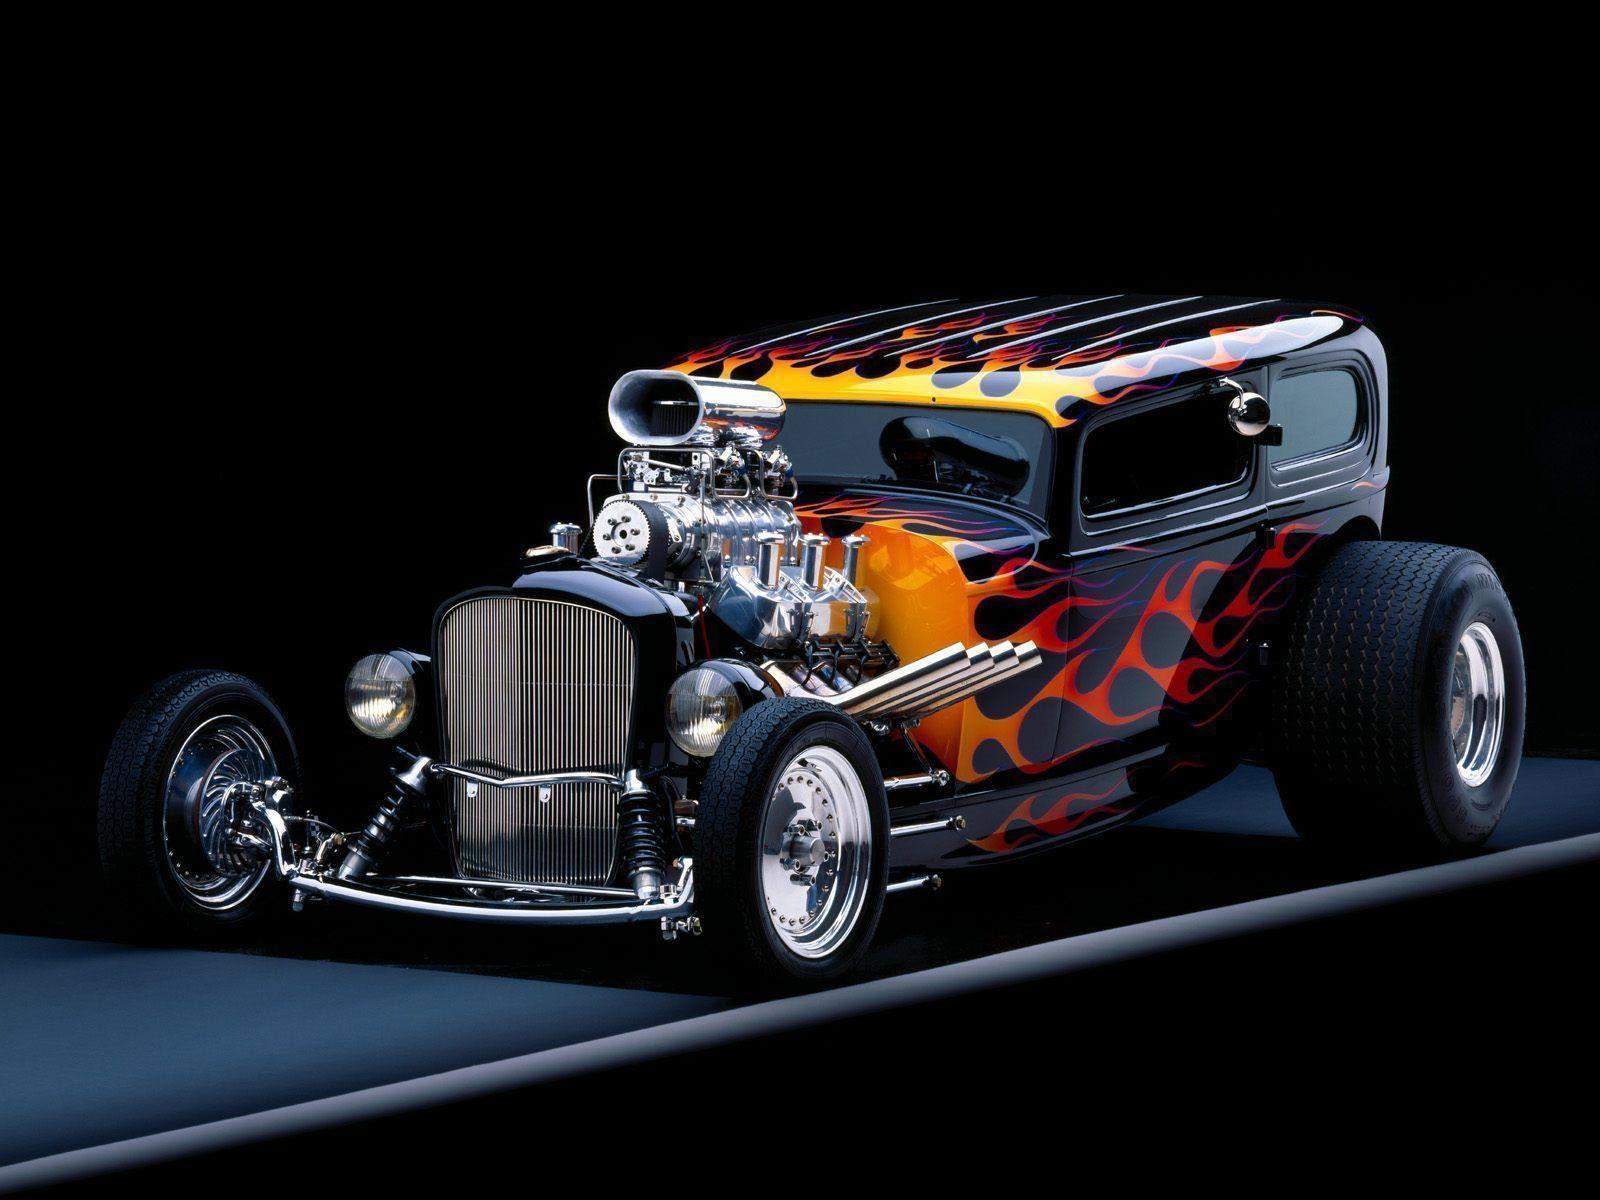 Custom Car Wallpapers - Wallpaper Cave